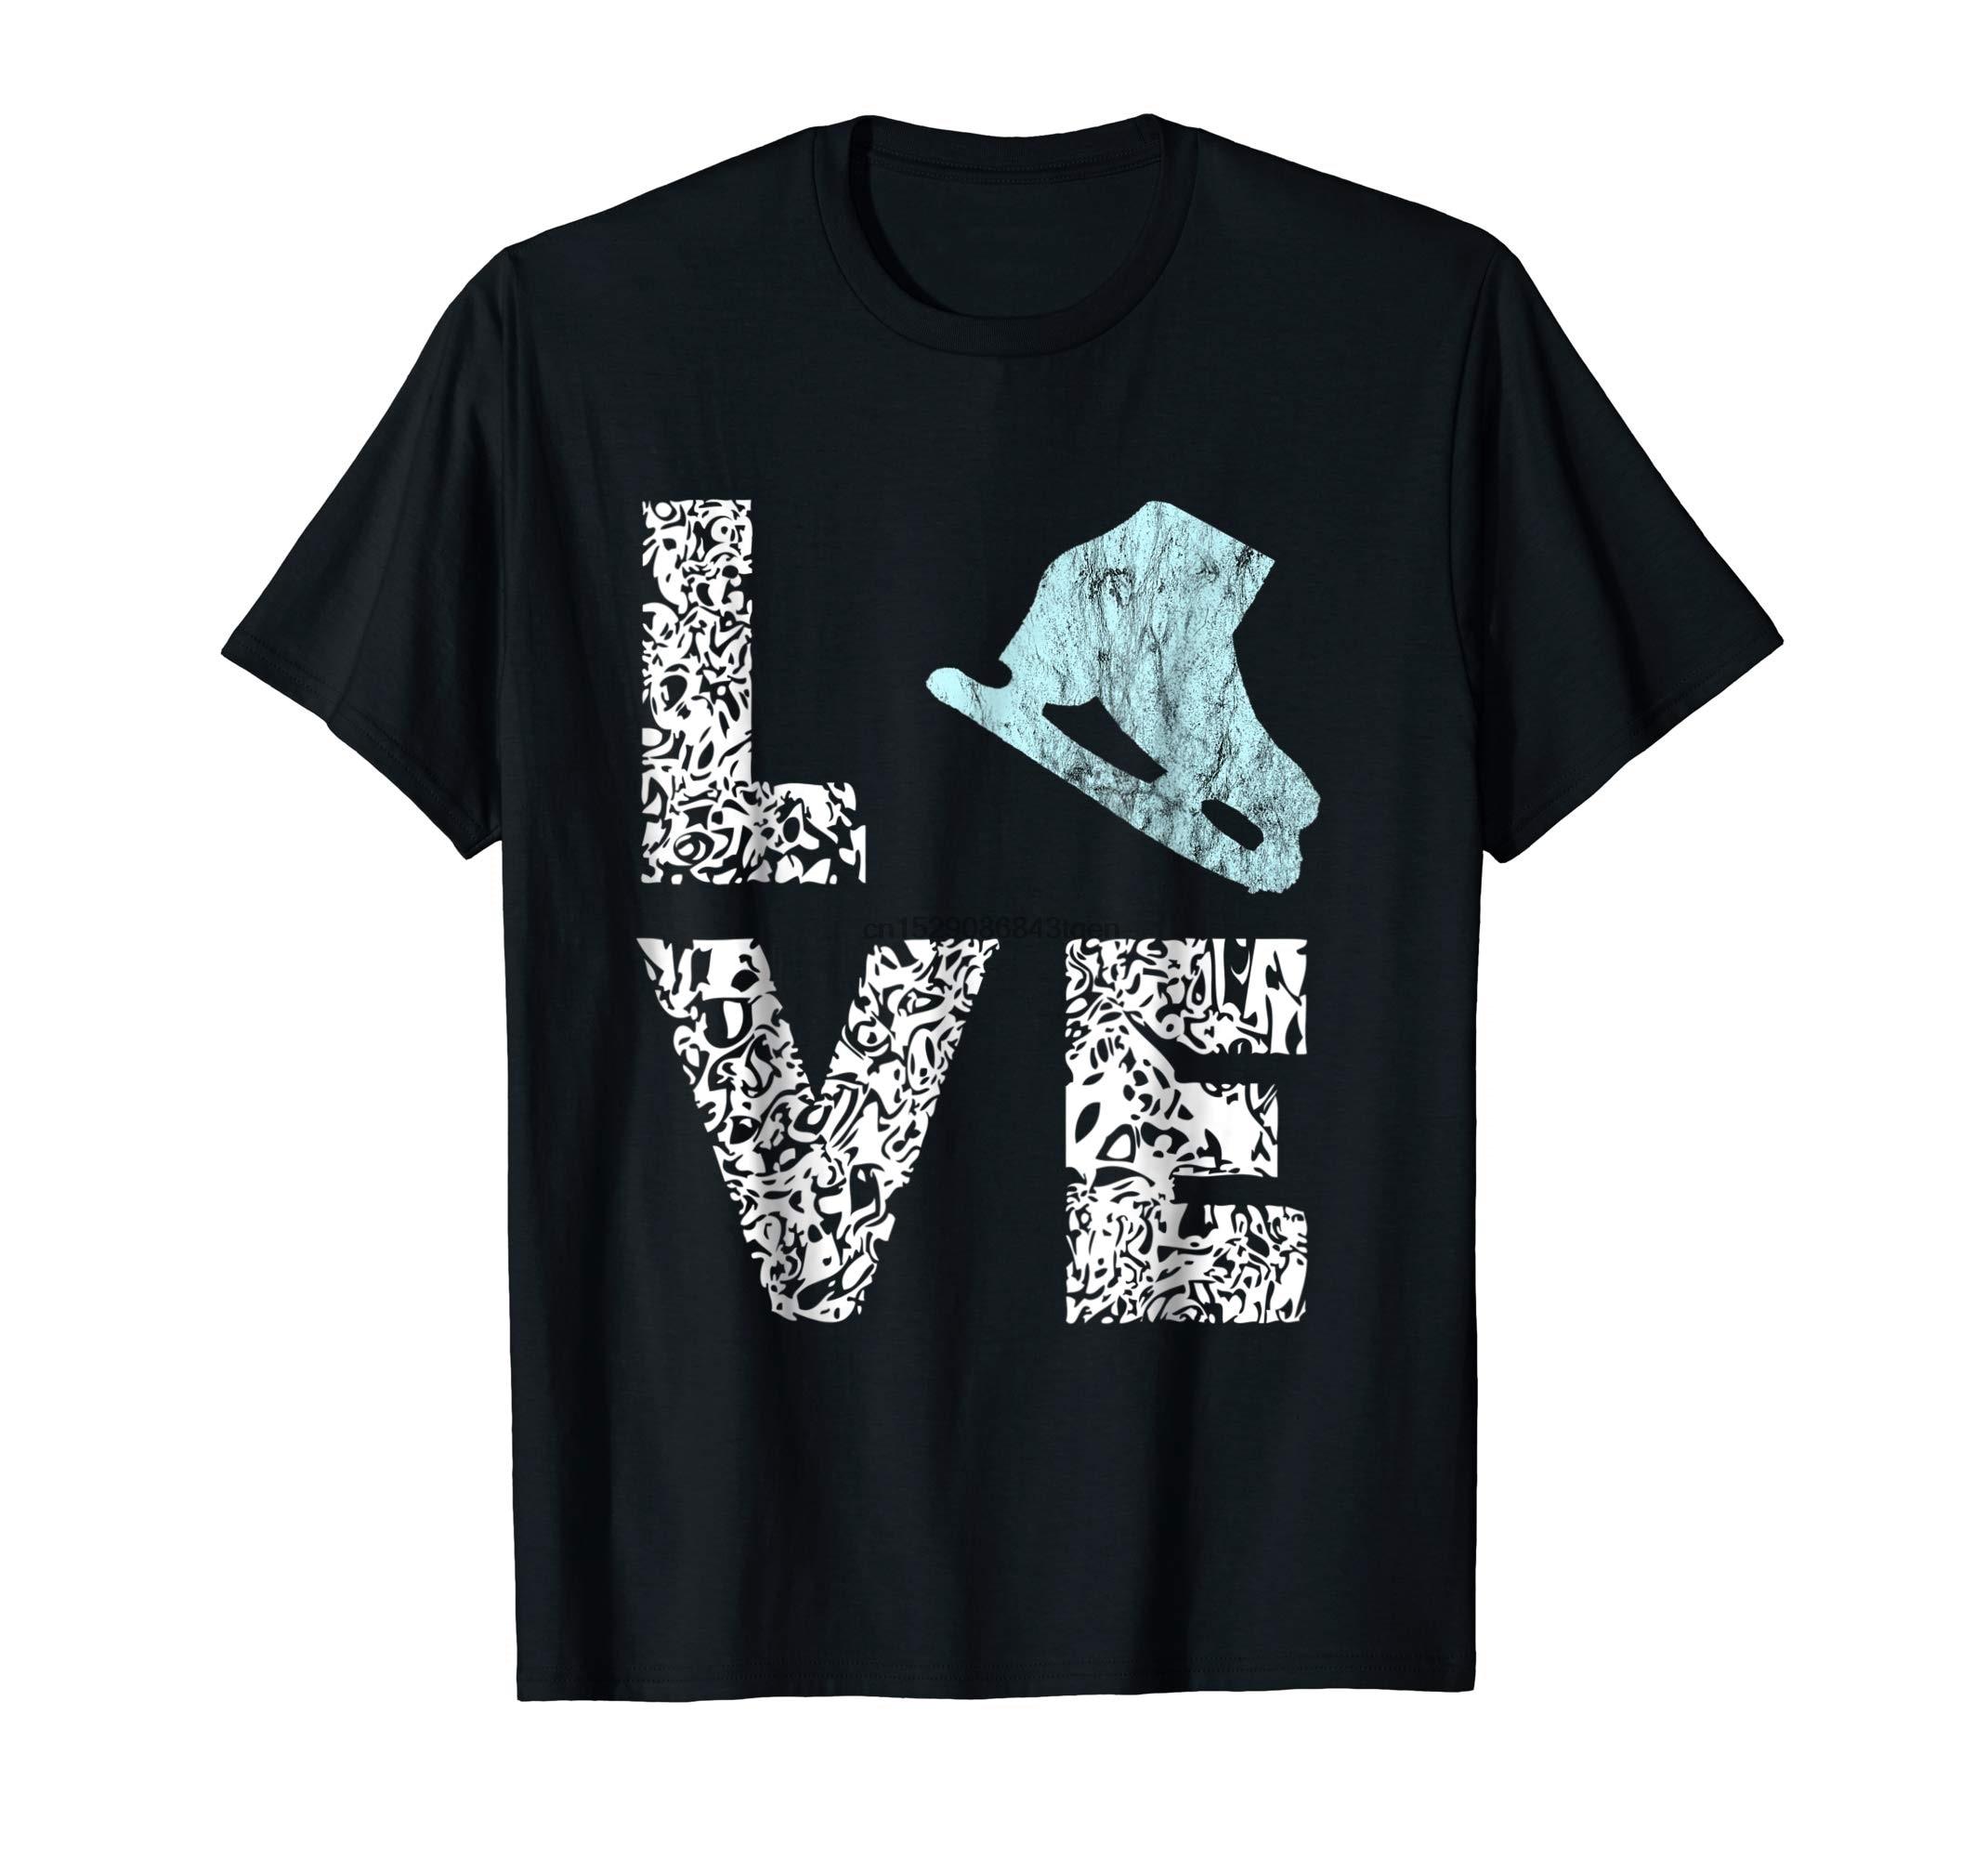 Zapatos de patinaje sobre hielo patinaje artístico patinaje sobre hielo camisetas regalos-Camiseta de los hombres-Negro